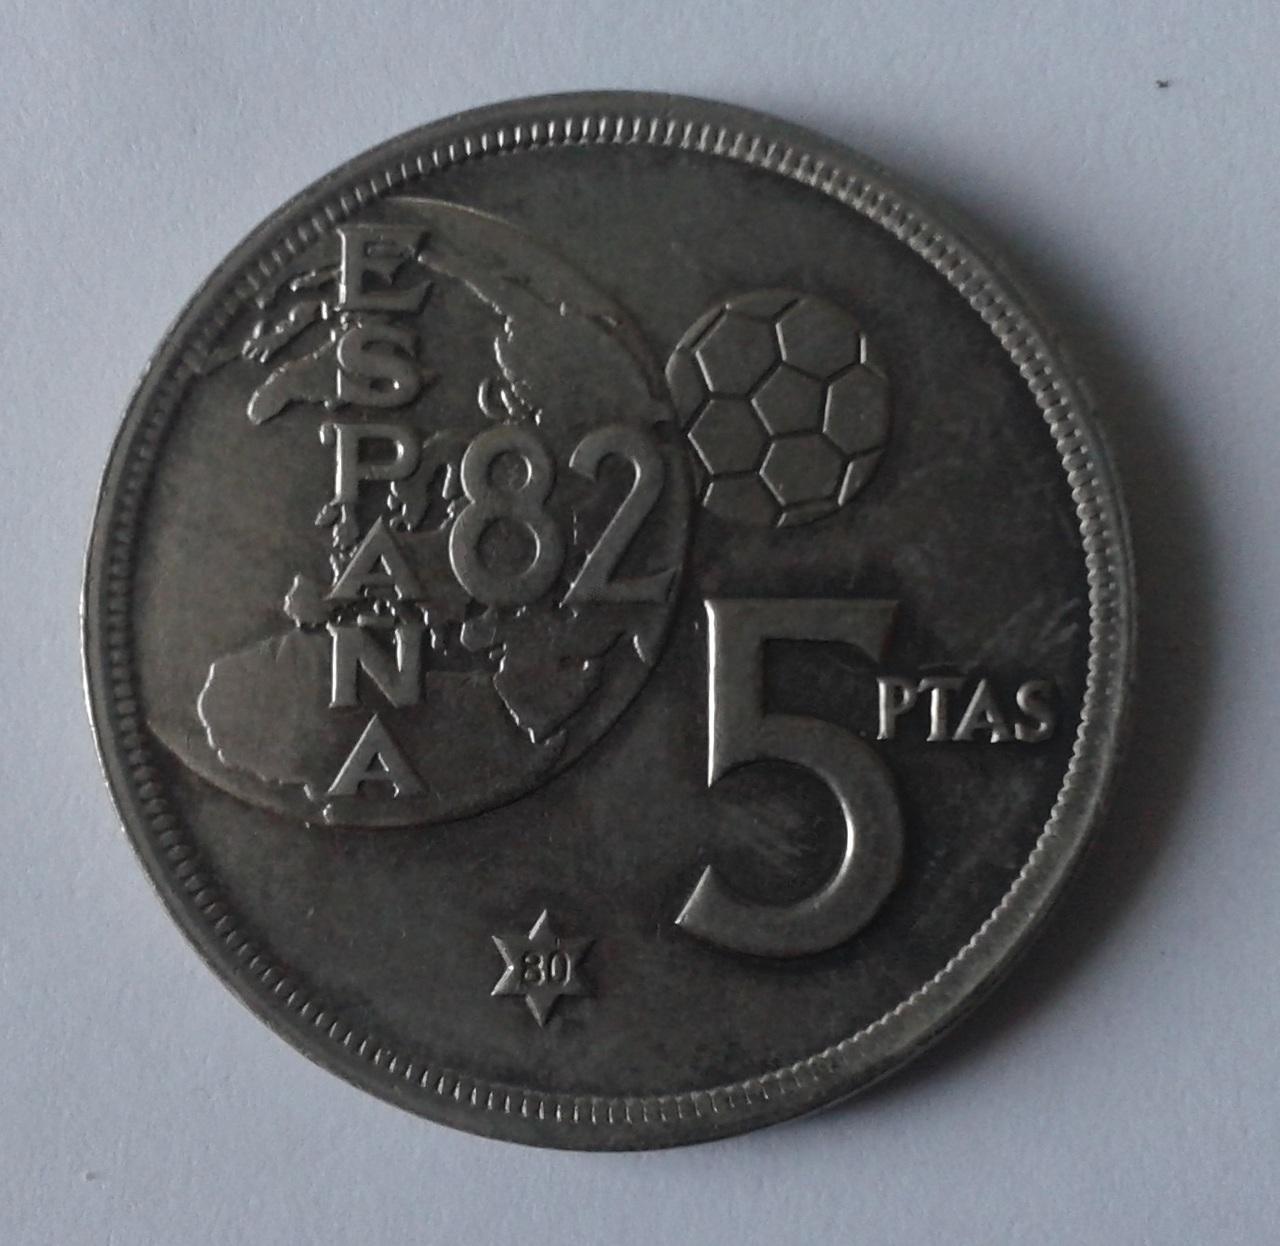 5 pesetas 1975 *80 - ERROR DEL MUNDIAL 20141101_160828